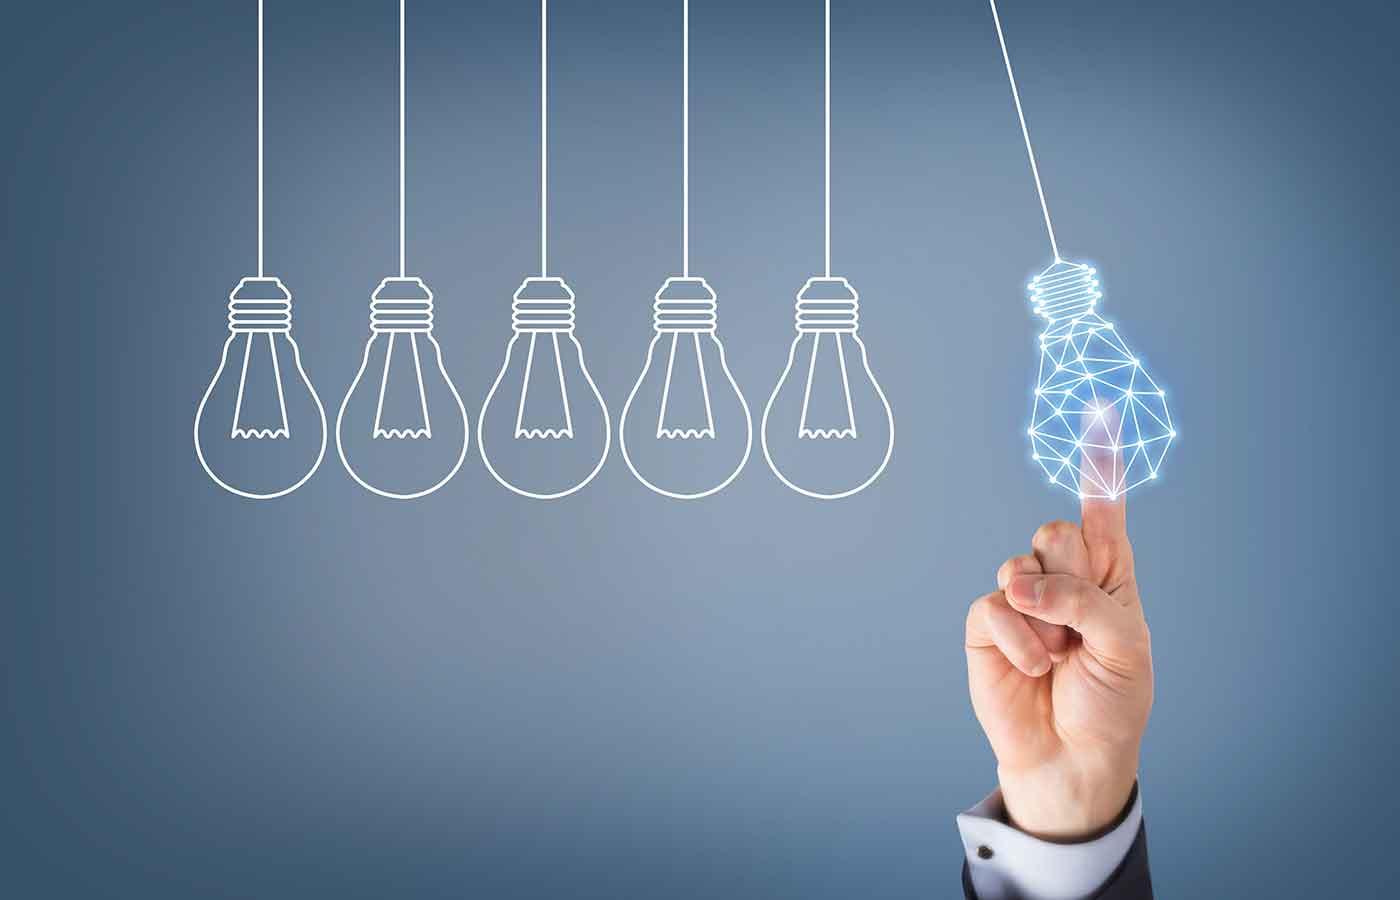 Empat Alasan Karyawan Anda Takut Melakukan Inovasi - Corporate Training Indonesia